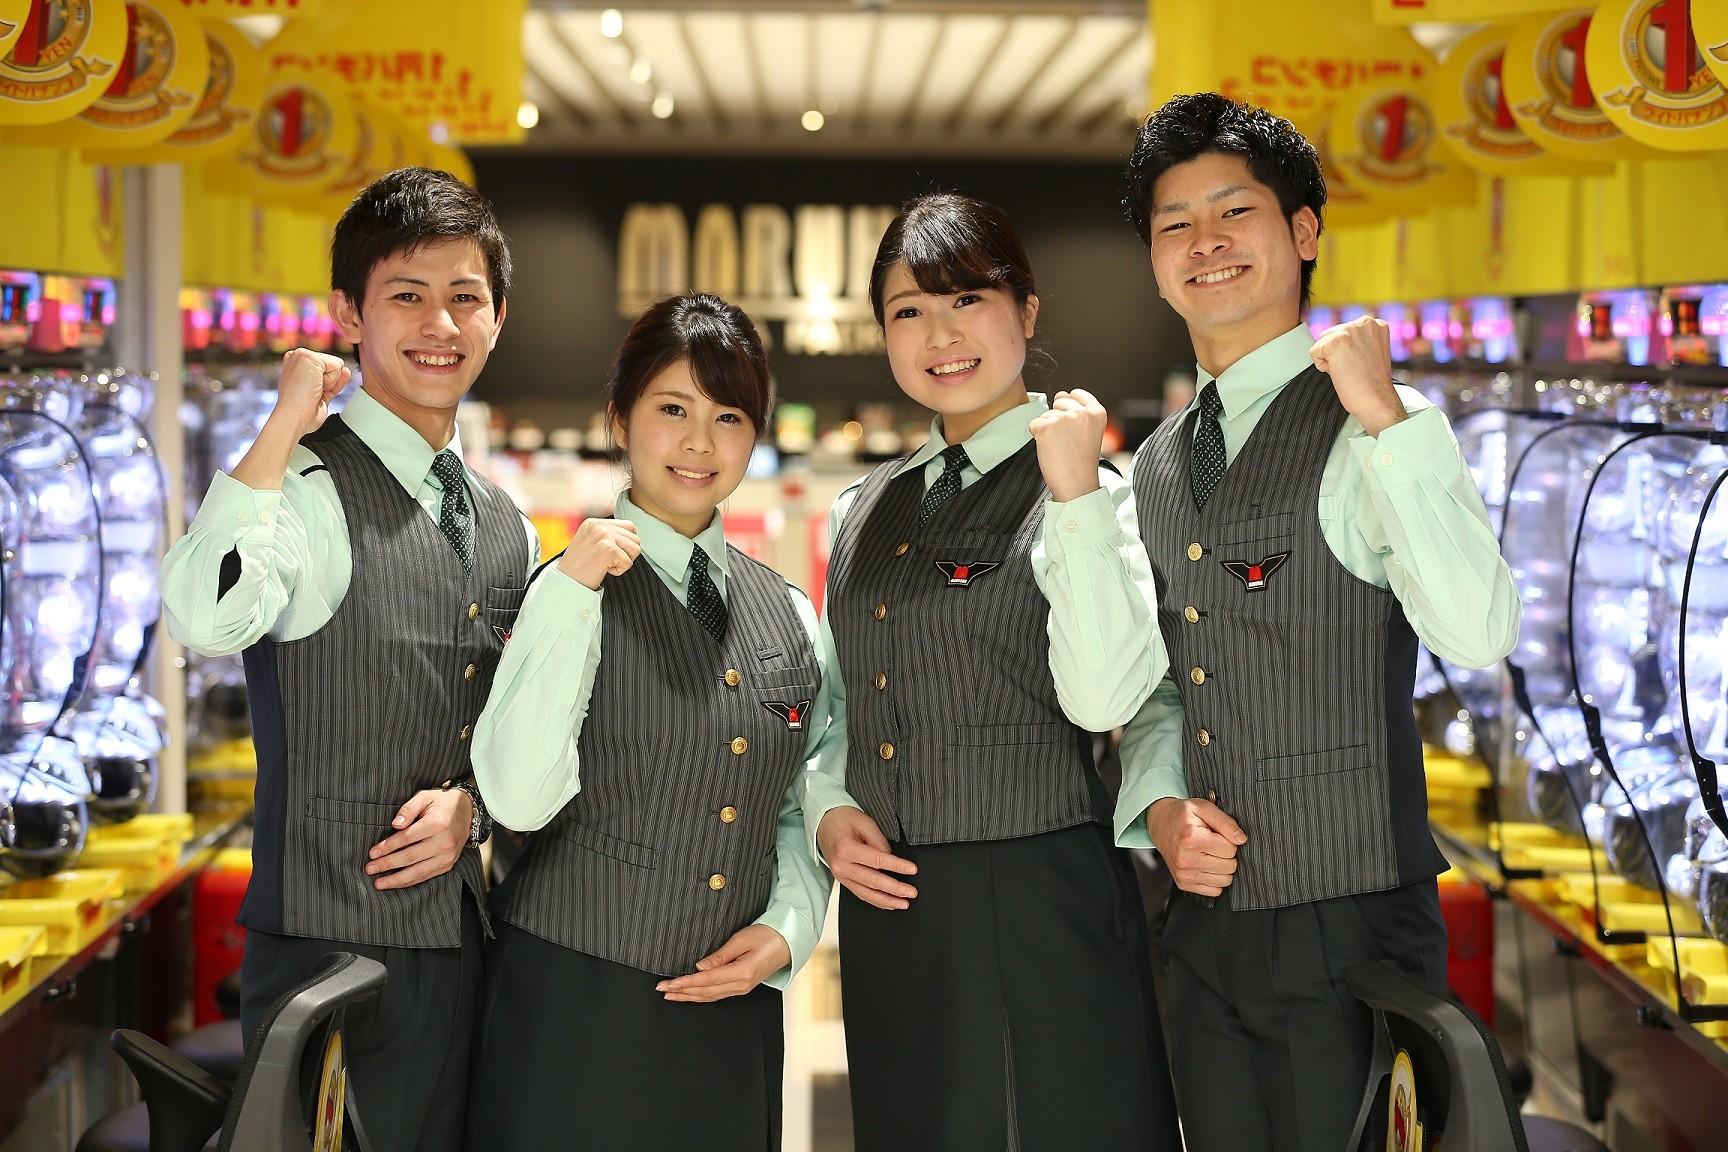 マルハン 焼津店[2119]のアルバイト情報